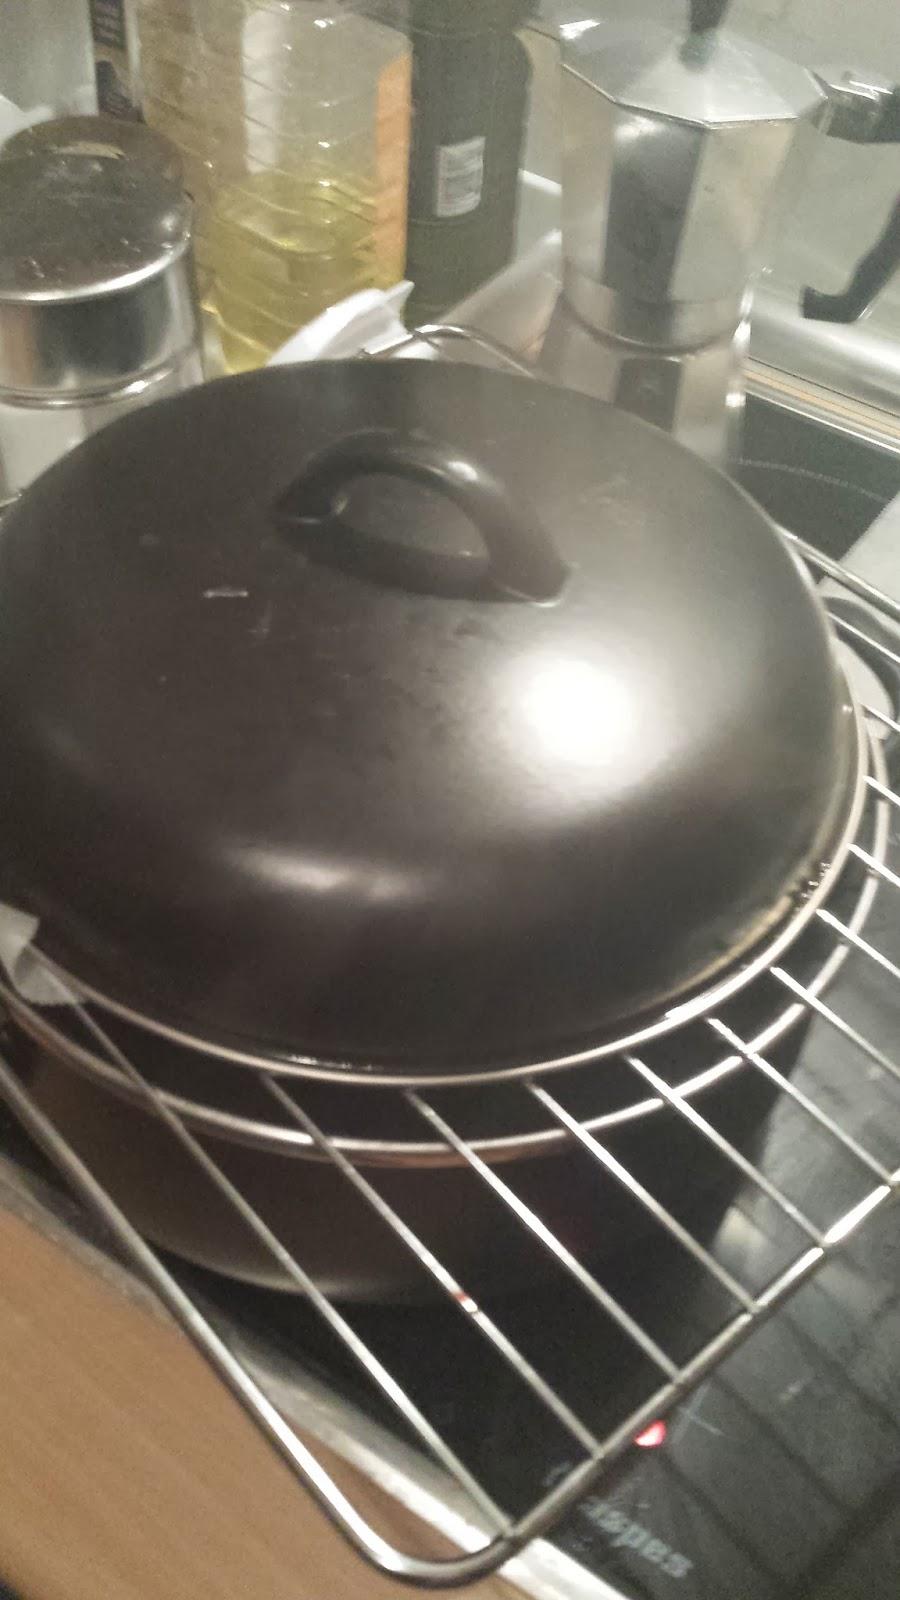 Asesoria gastronomica bueno sano bonito y barato pan chino o brioche al vapor - Robot de cocina barato y bueno ...